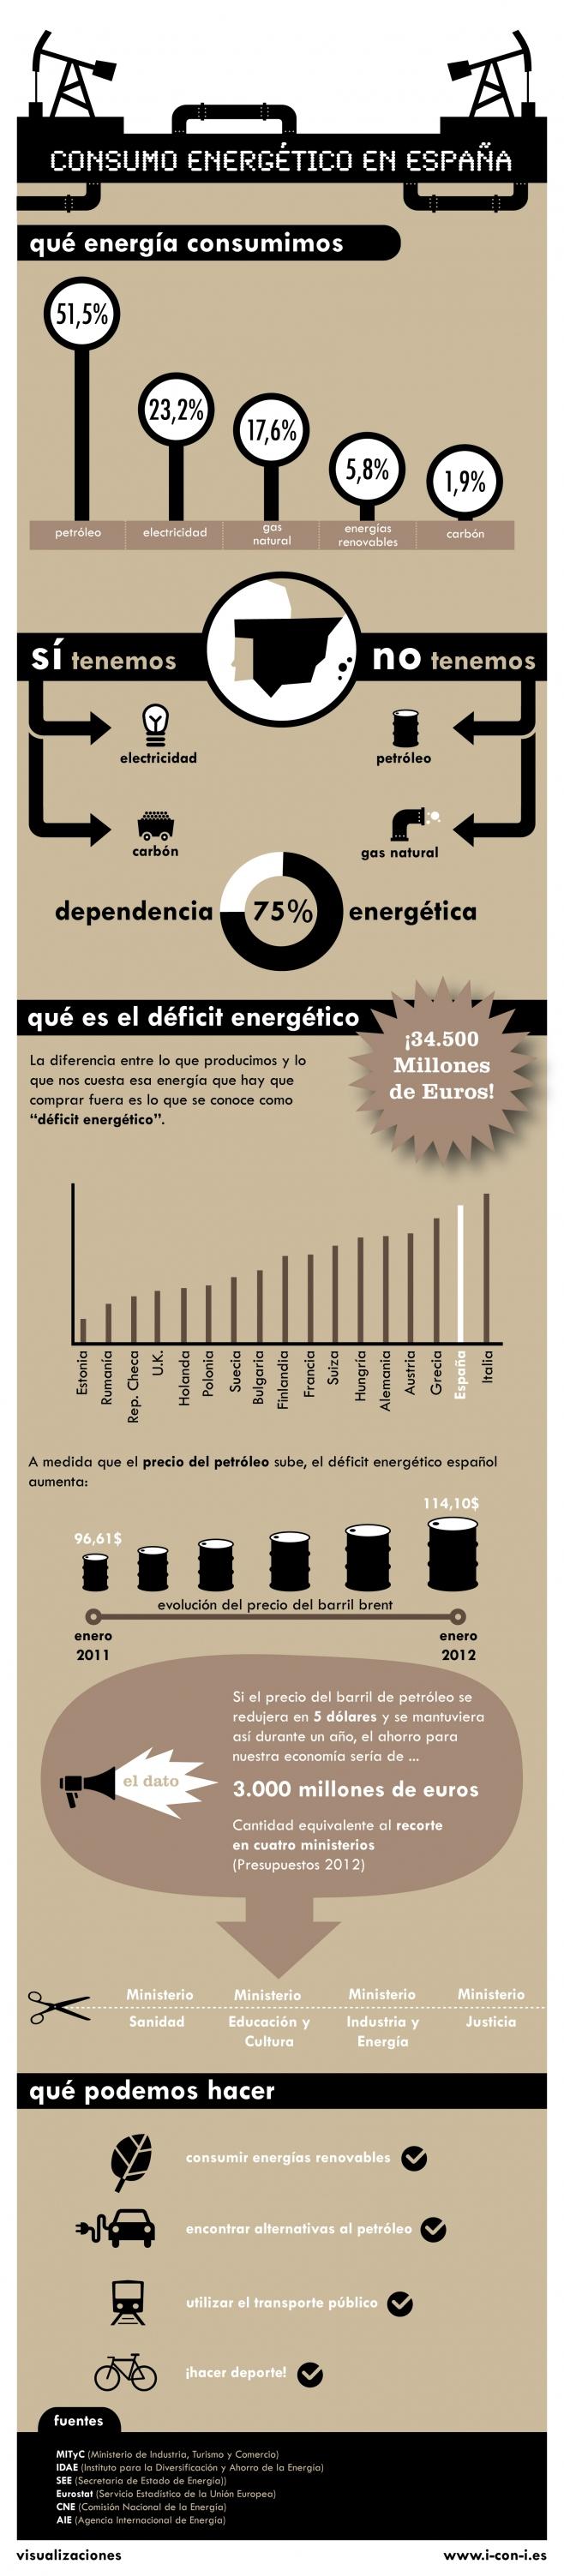 dependencia energética en españa